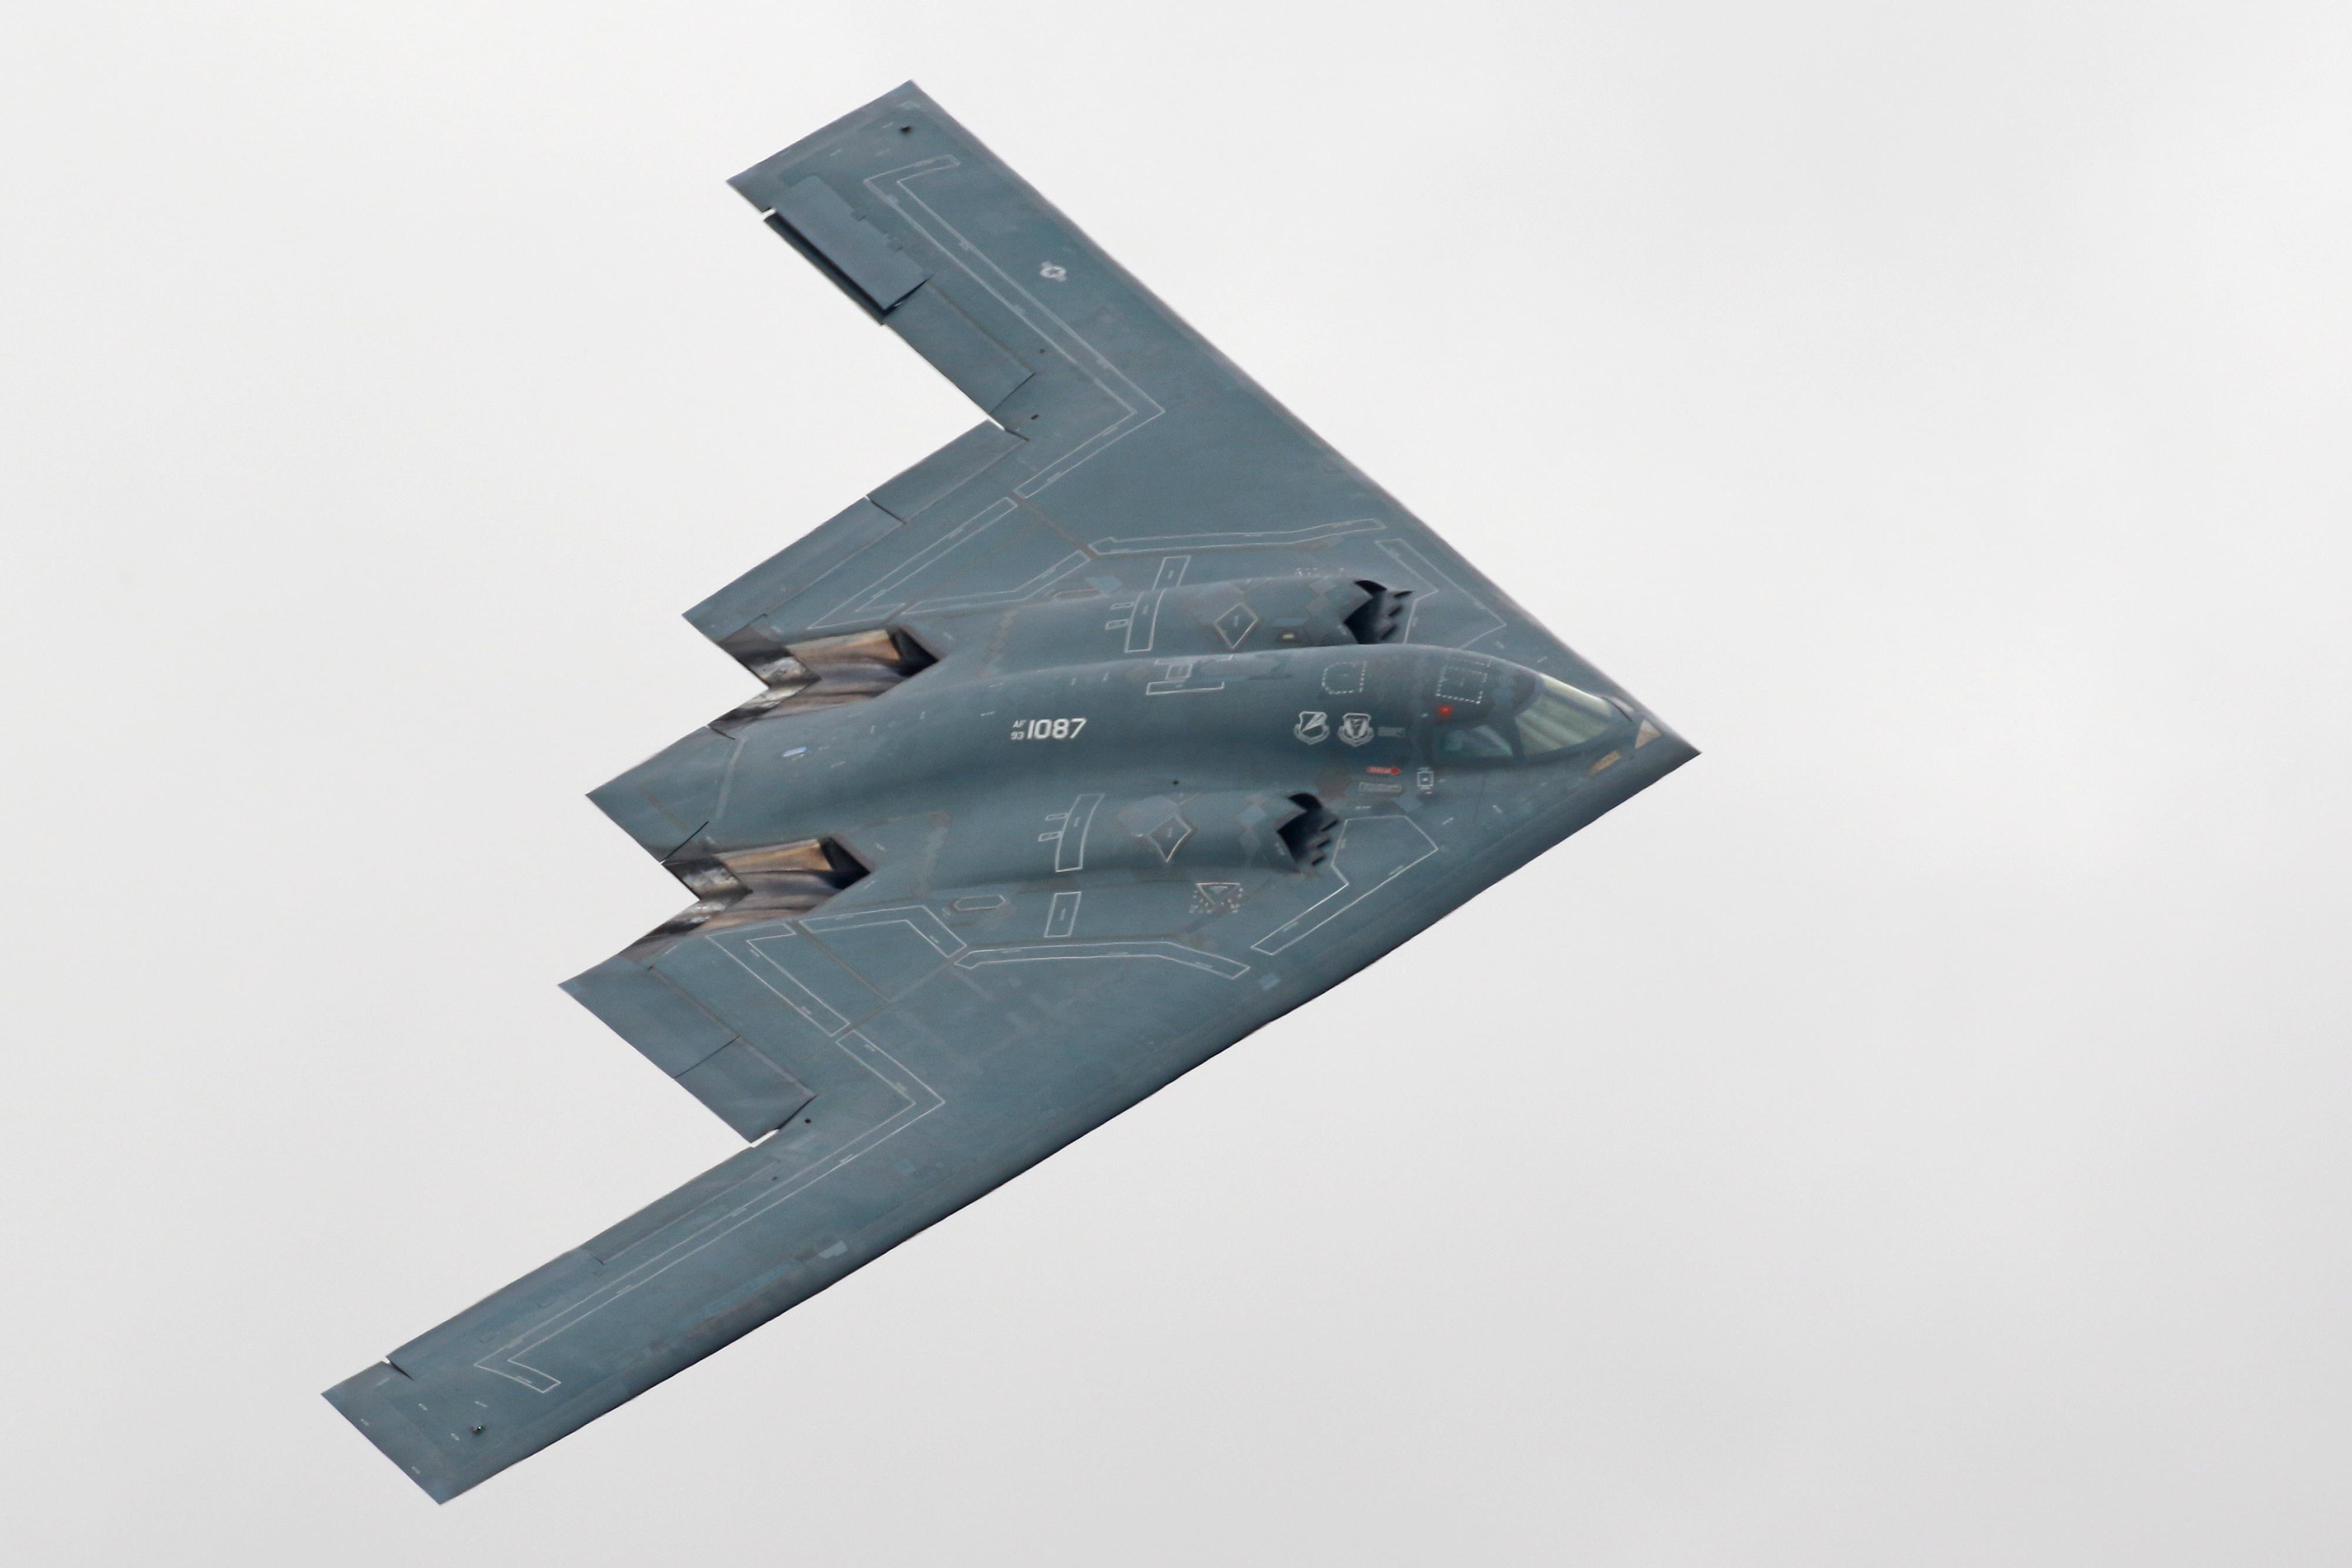 RIAT 2017  –  USAF Flying Display, RAF Fairford  –  Part 3